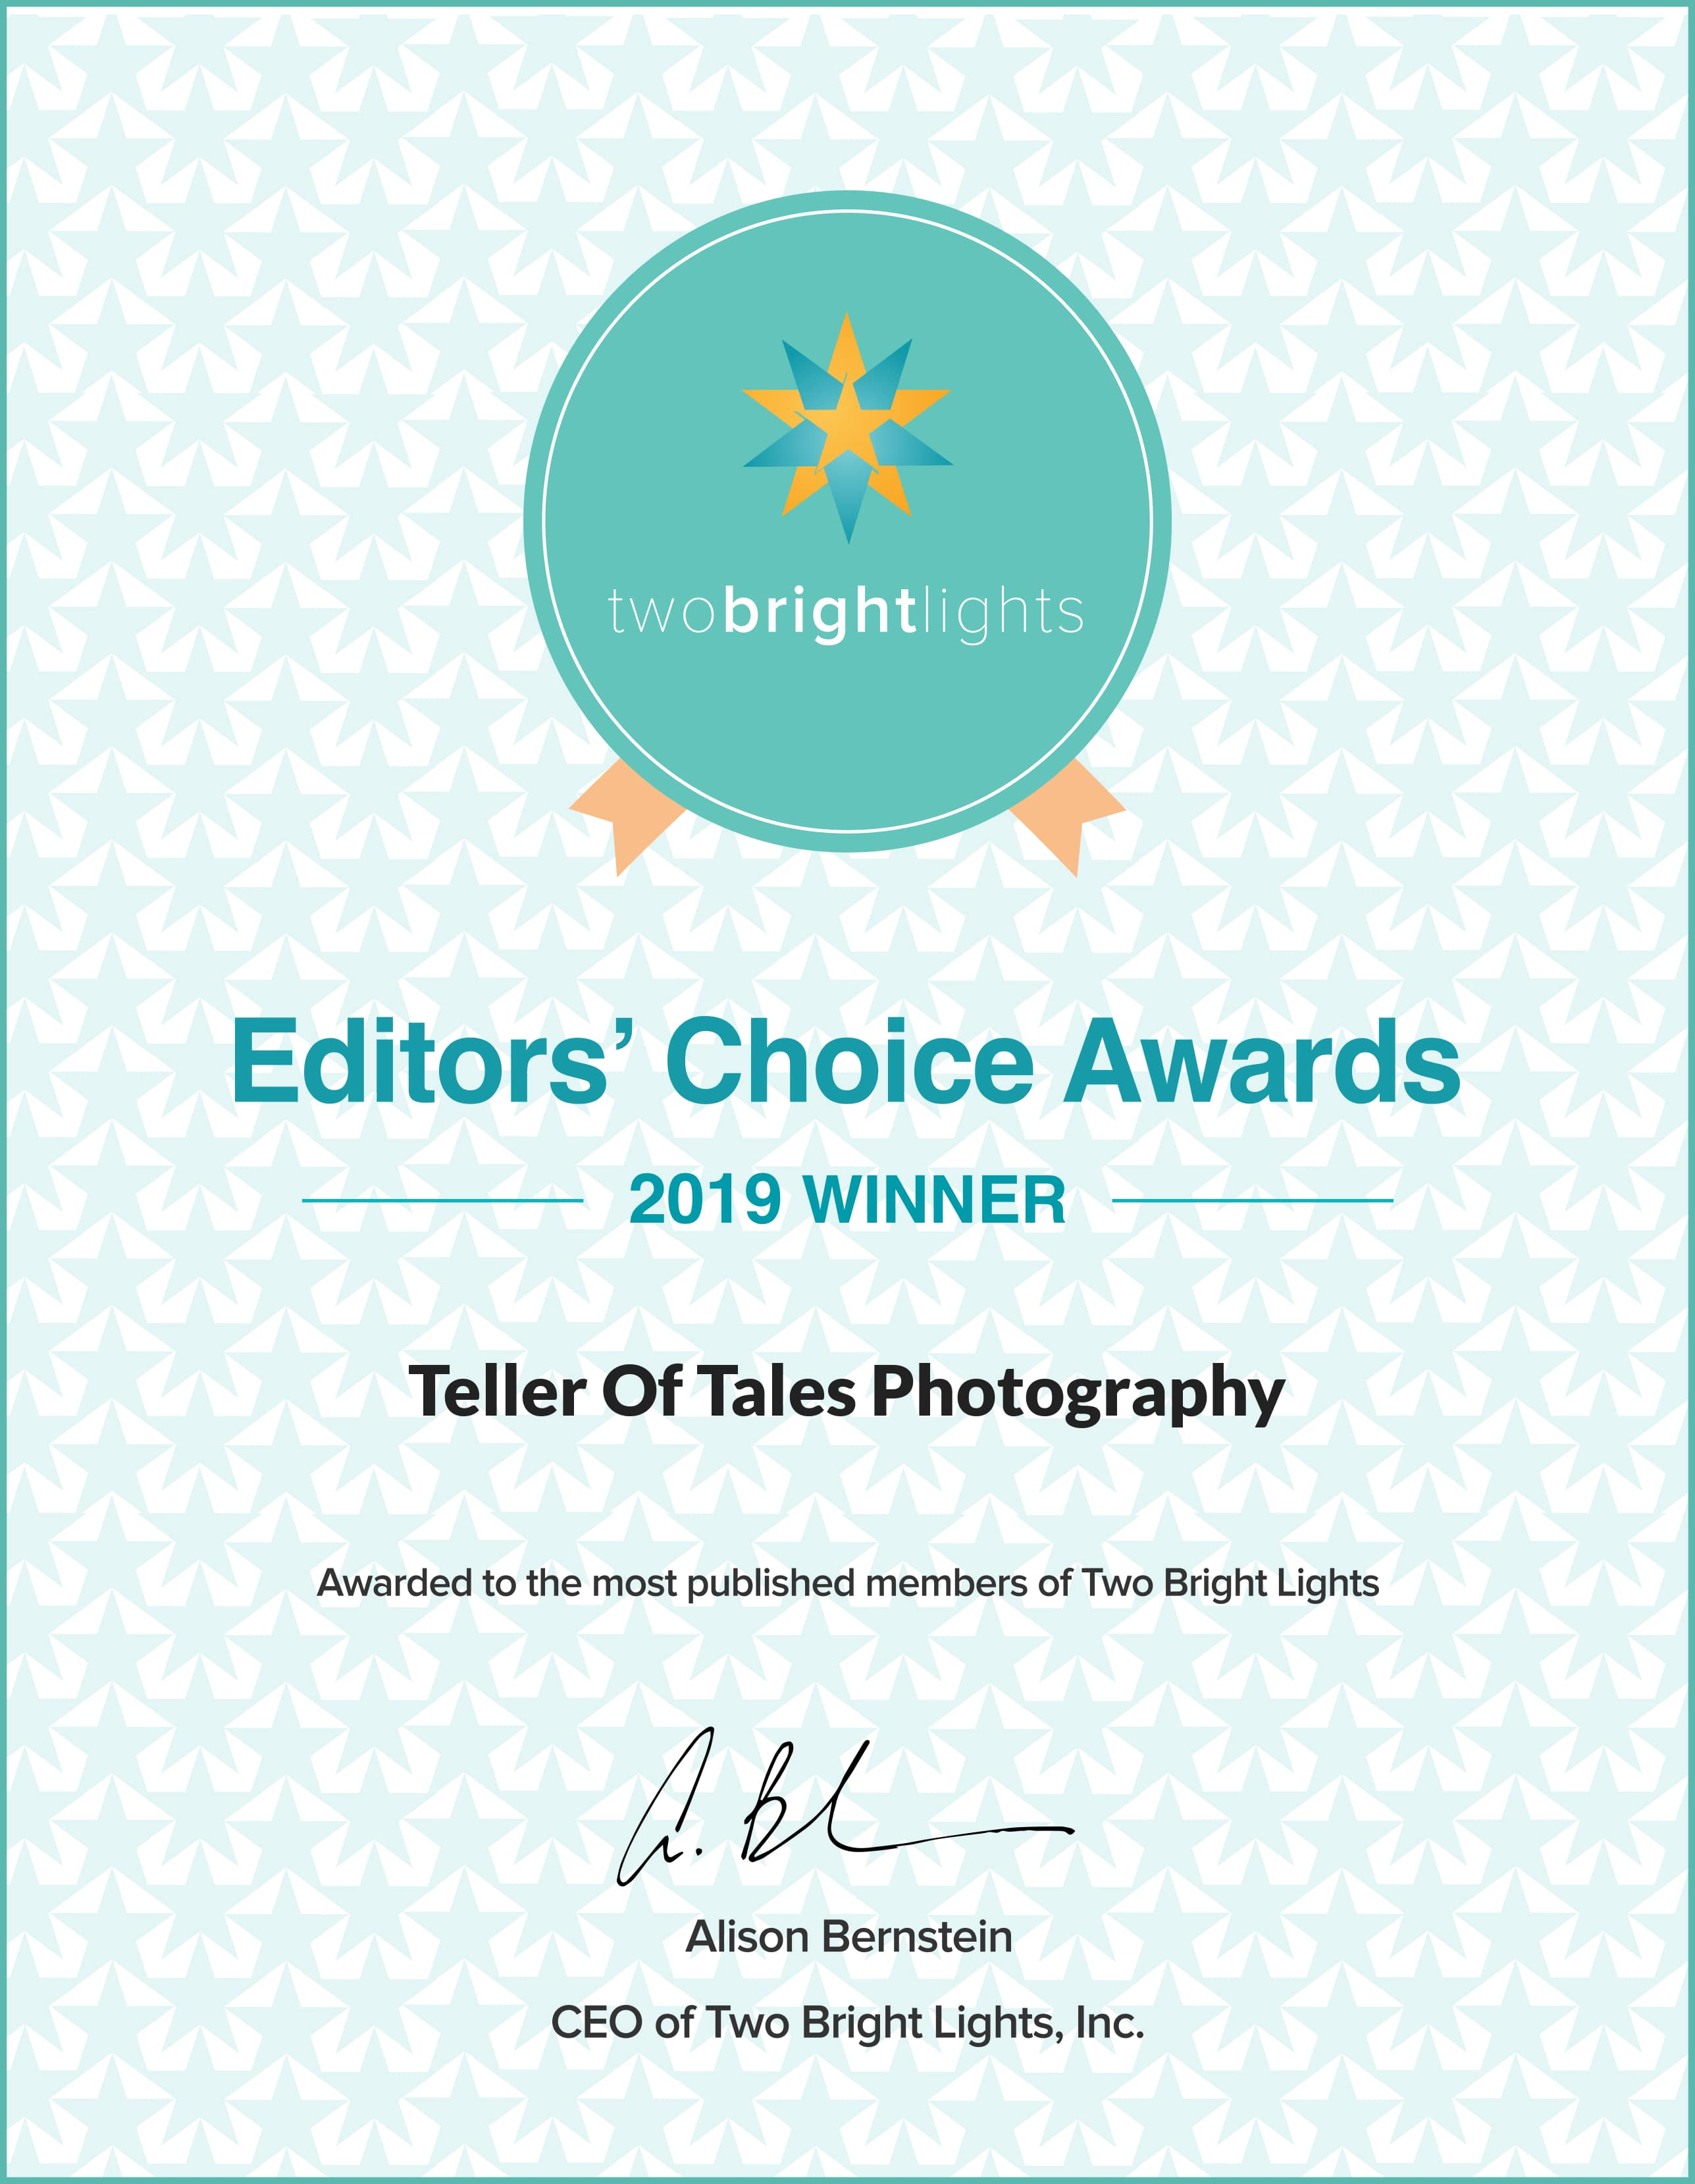 Two Bright Lights 2019 Editors Choice Award